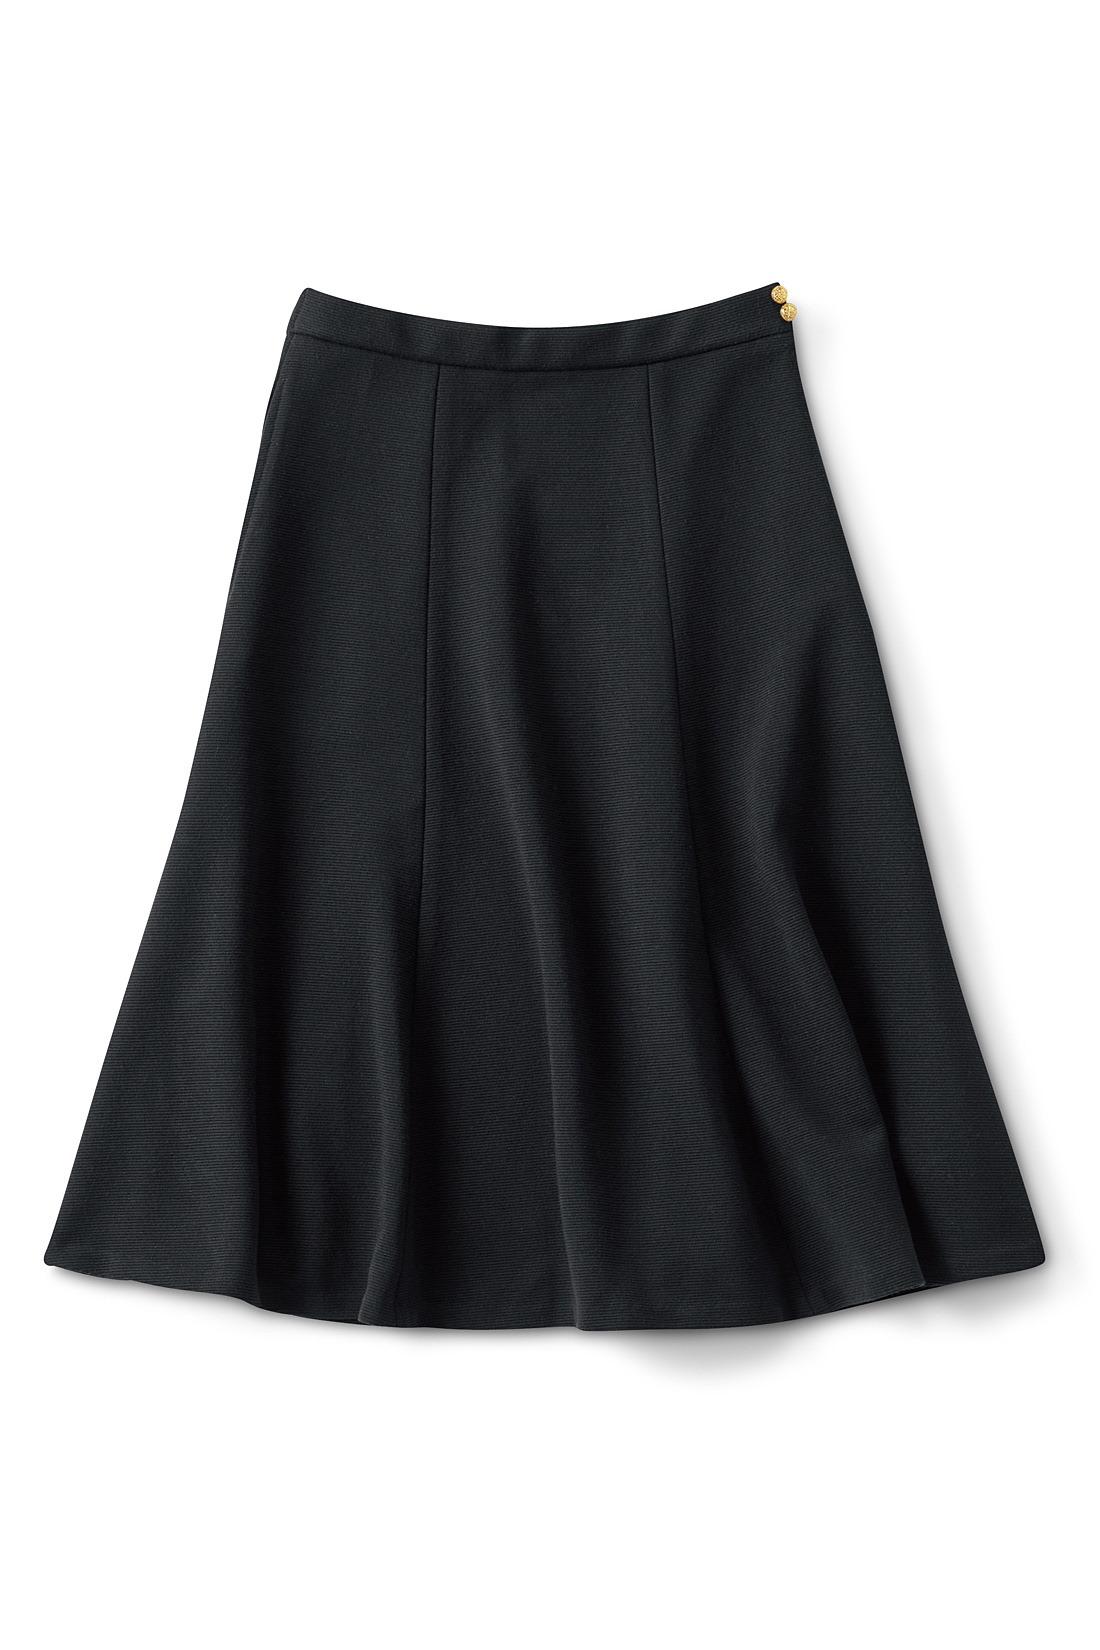 スカート フレアー&ひざ丈で上品に